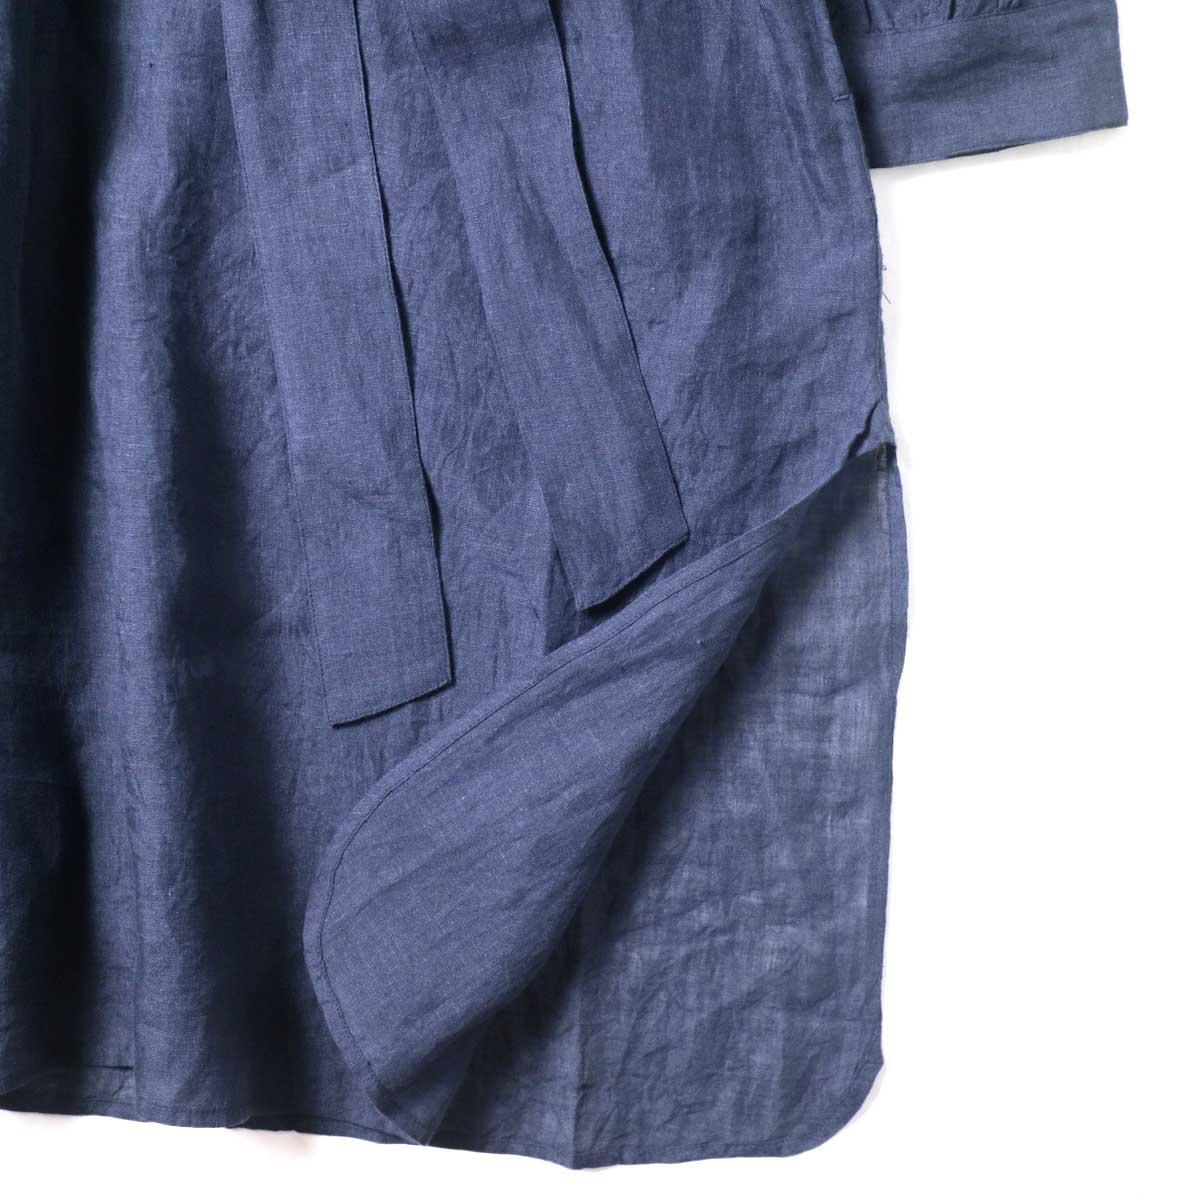 maison de soil / BACK OPENING CREN-NECK SHIRT DRESS (Navy) 裾・スリット